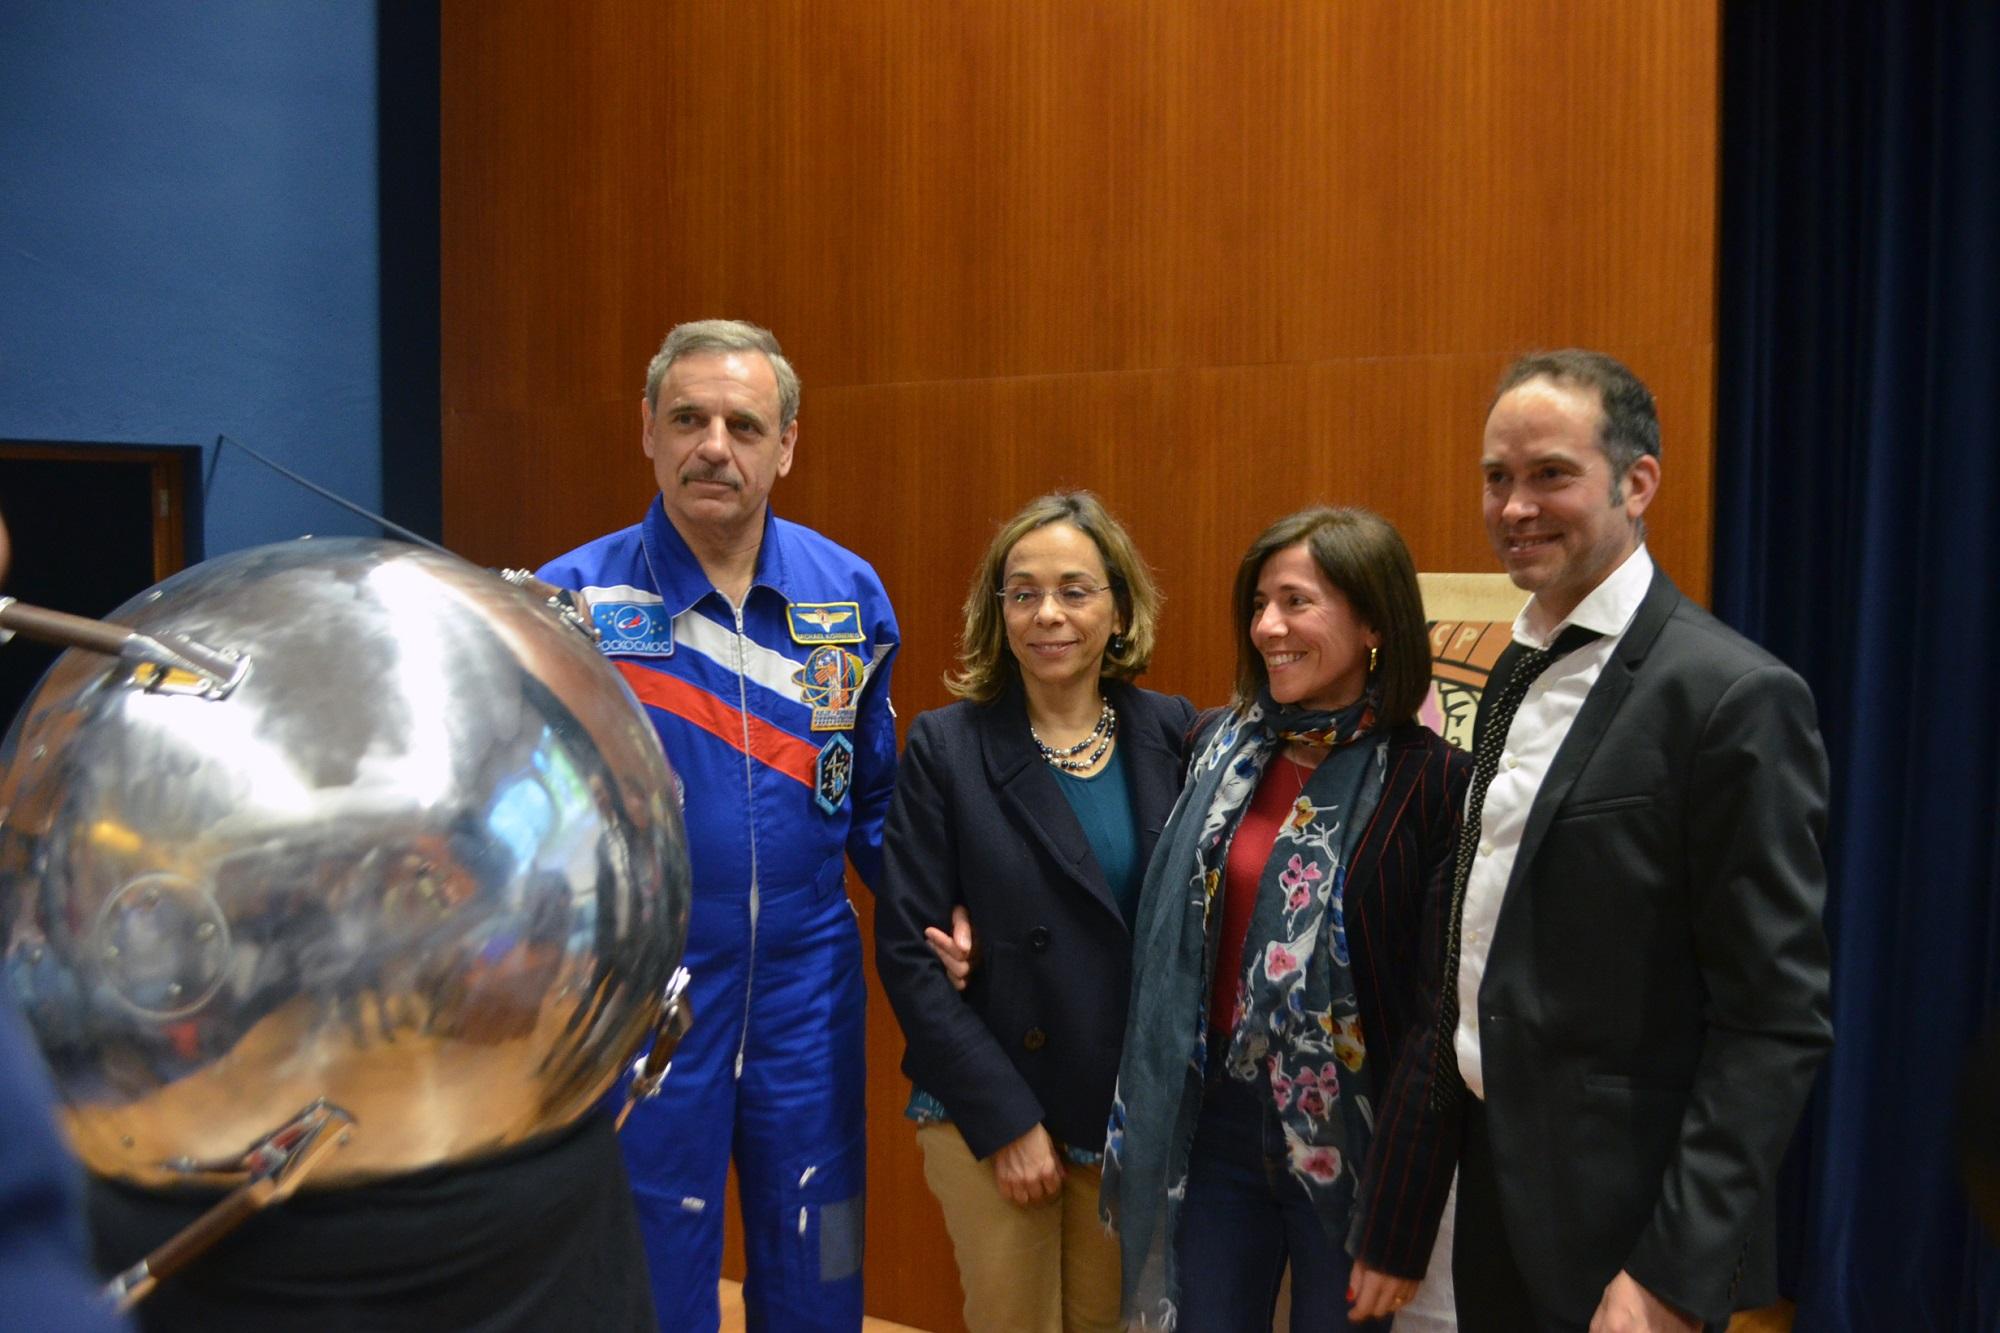 Mikhail Kornienko (à esq.) esteve presente na apresentação da réplica do Sputnik-1, oferecida por Rui Moura (à dir.) FCUP.